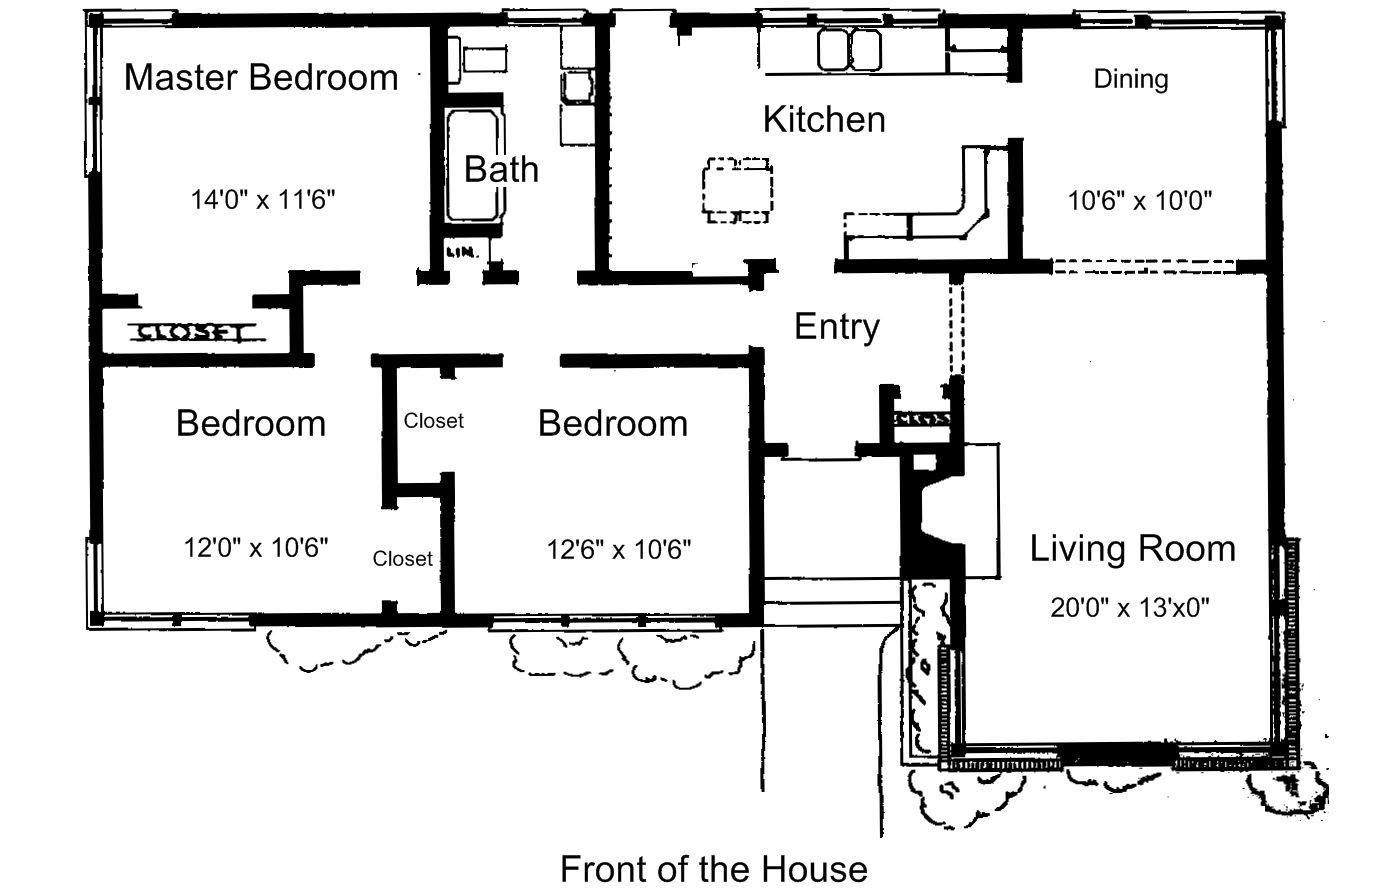 3 Bedroom House Design Images